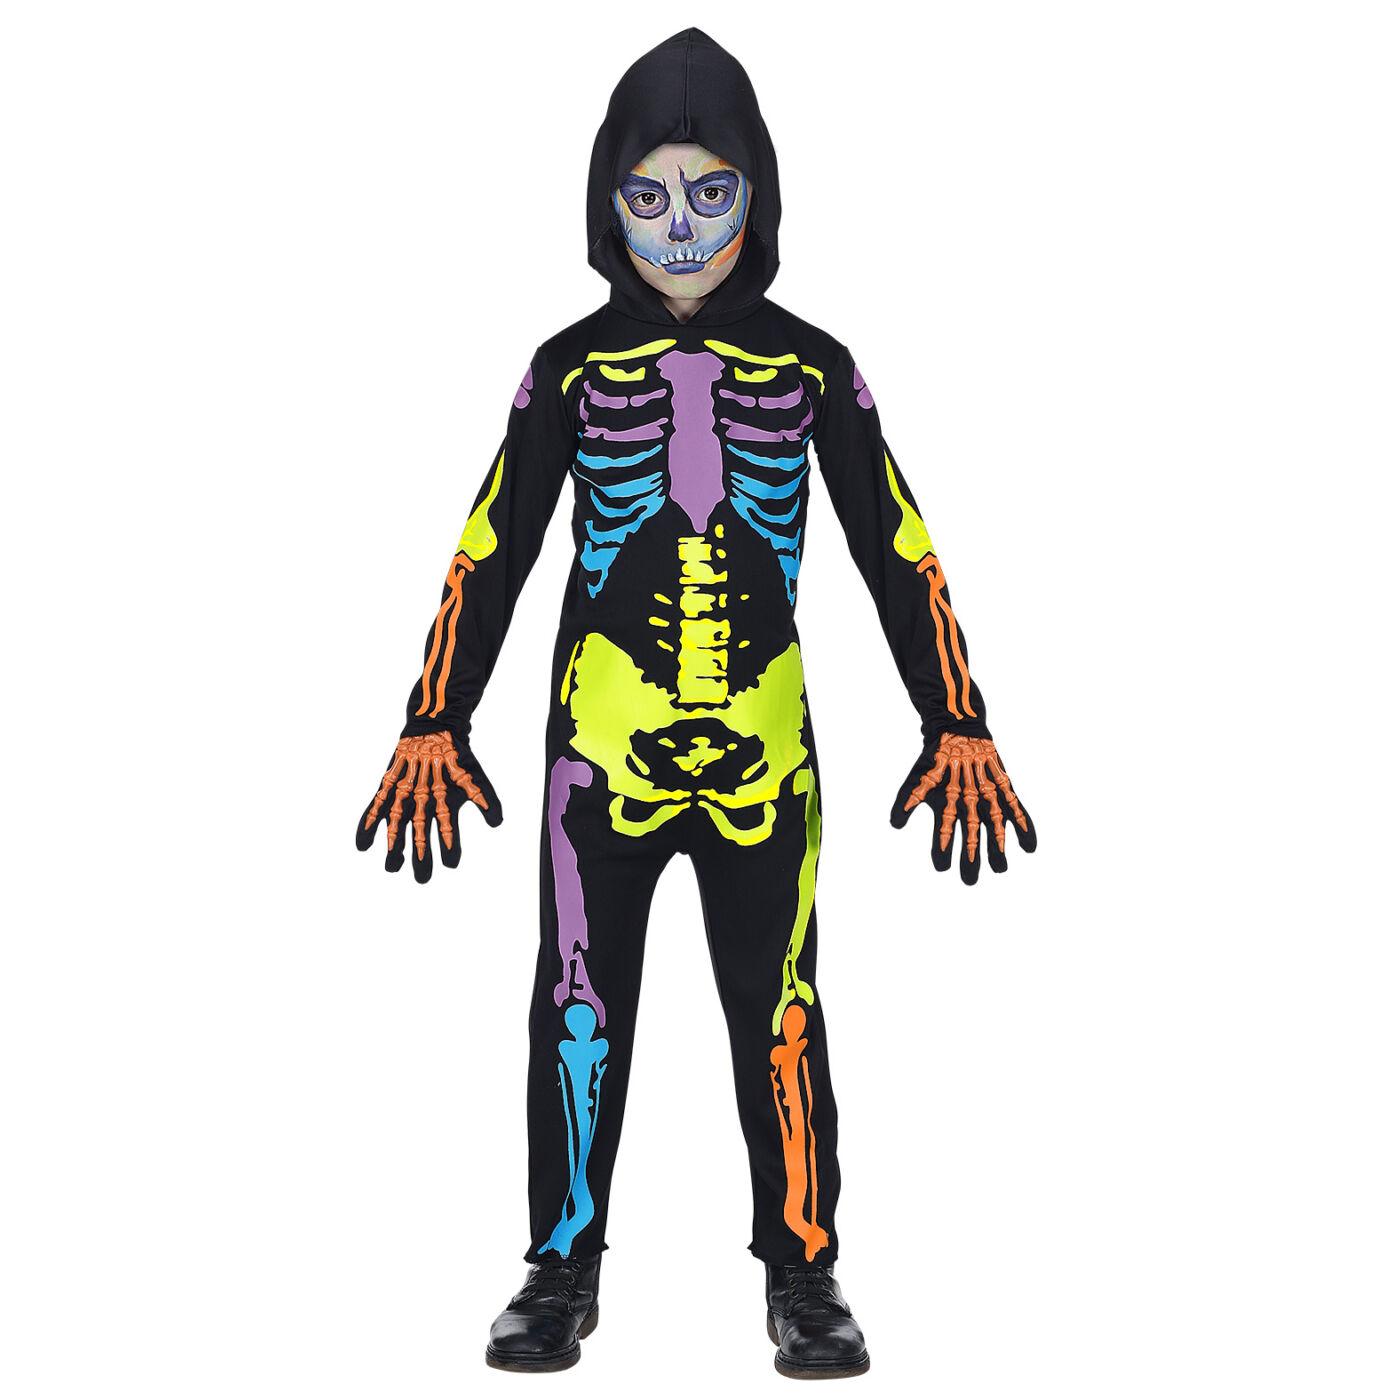 Színes csontváz jelmez 158-as